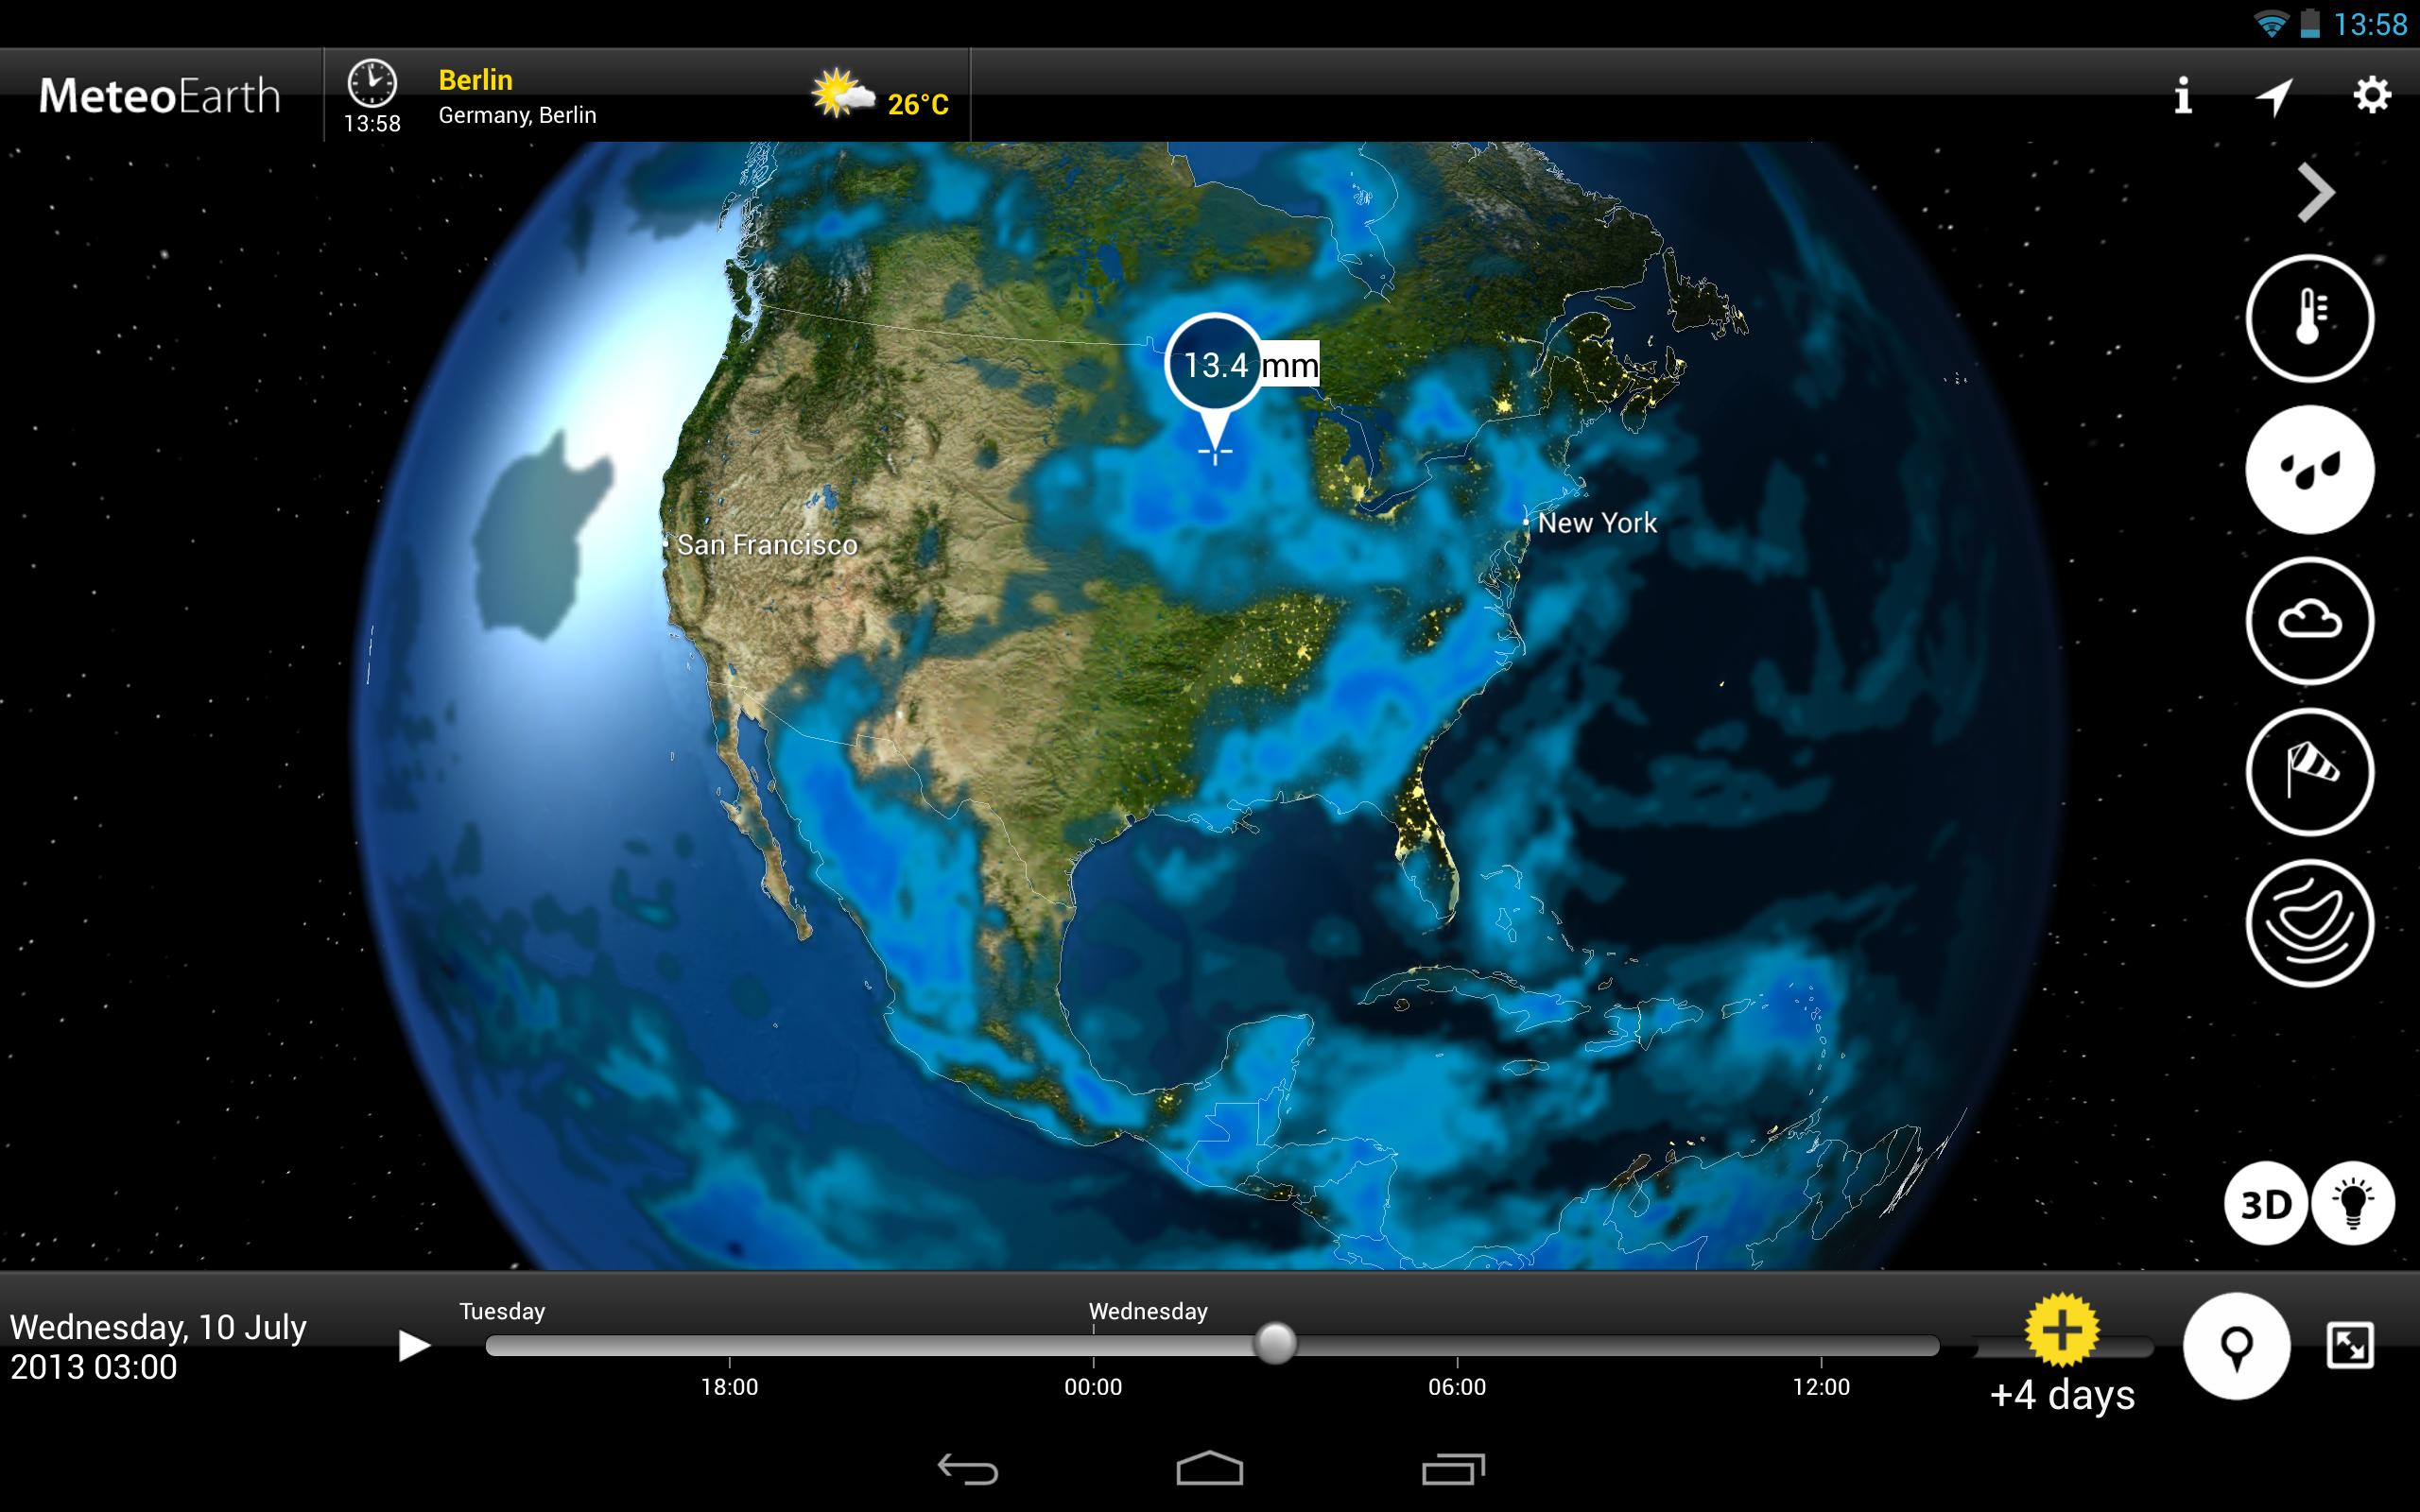 MeteoEarth Capture d'écran